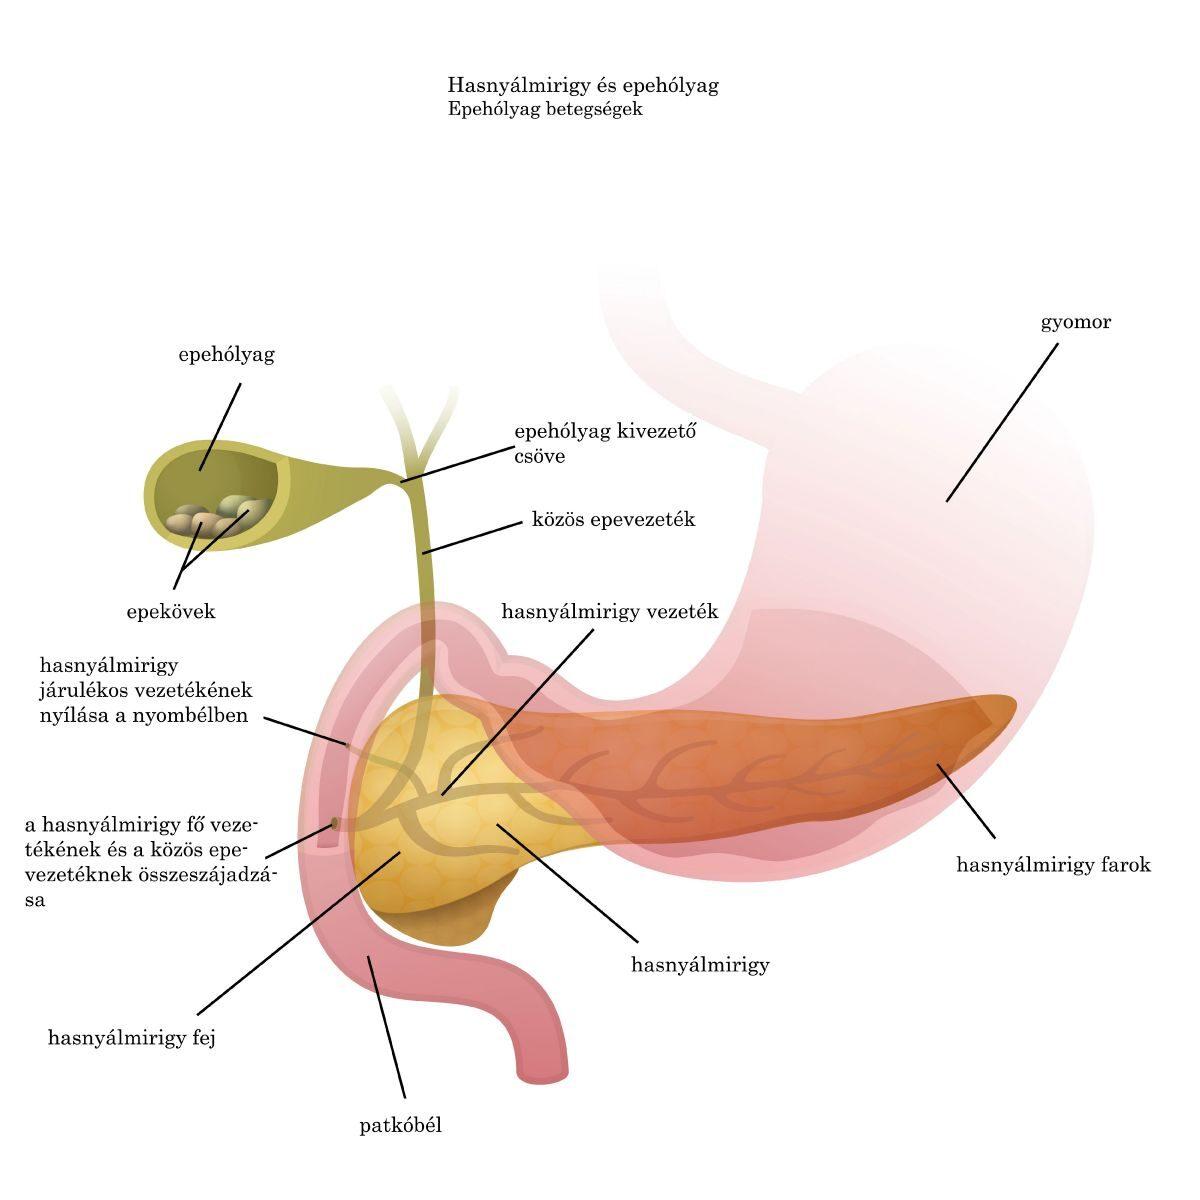 Paraziták utáni szövődmények. Az emberi test tüdejében élő paraziták